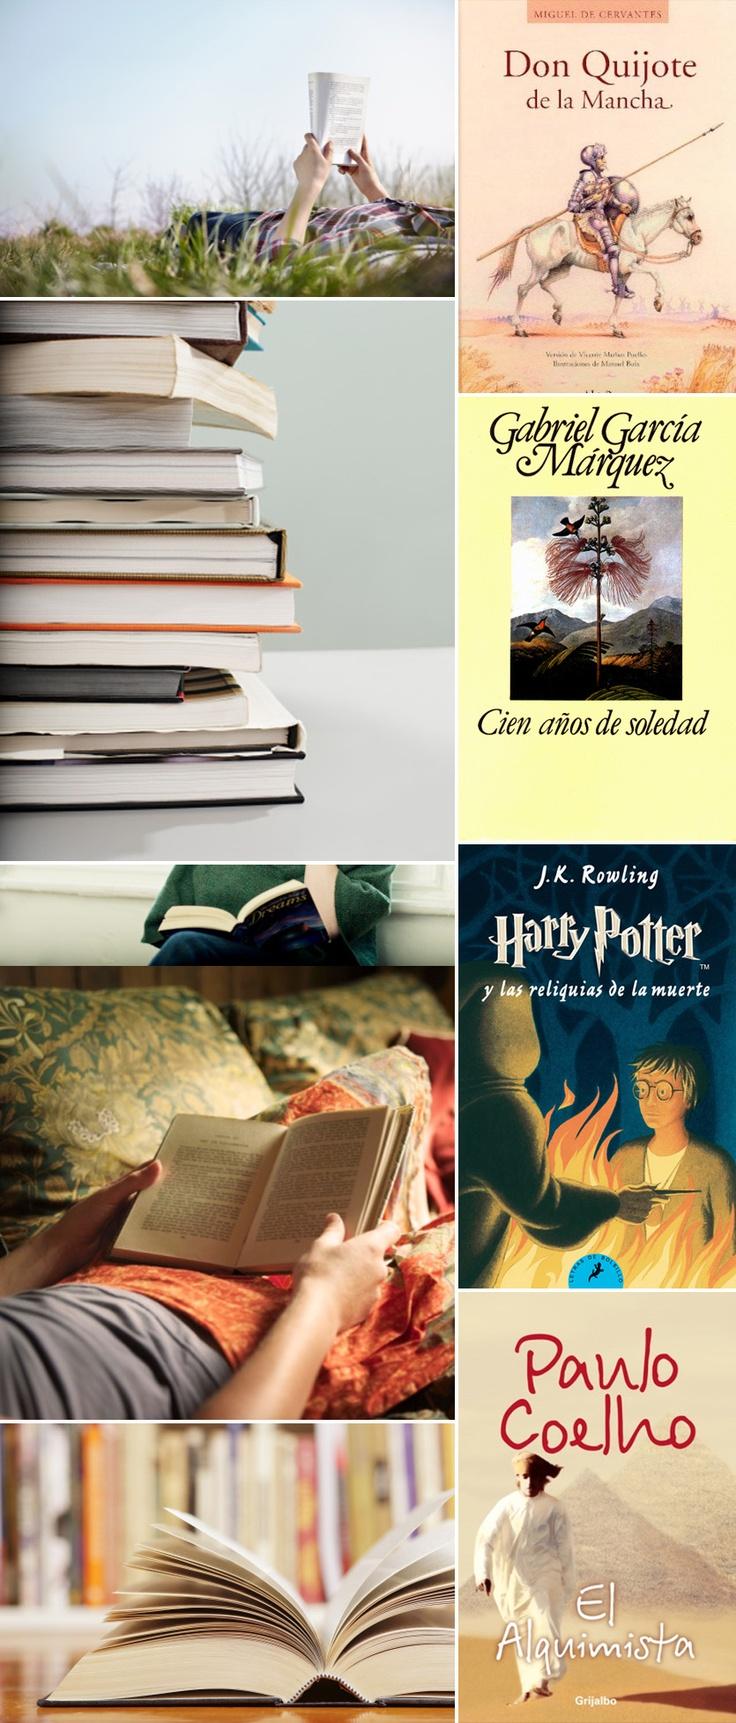 Este año: Tendré un espacio para organizar mis libros